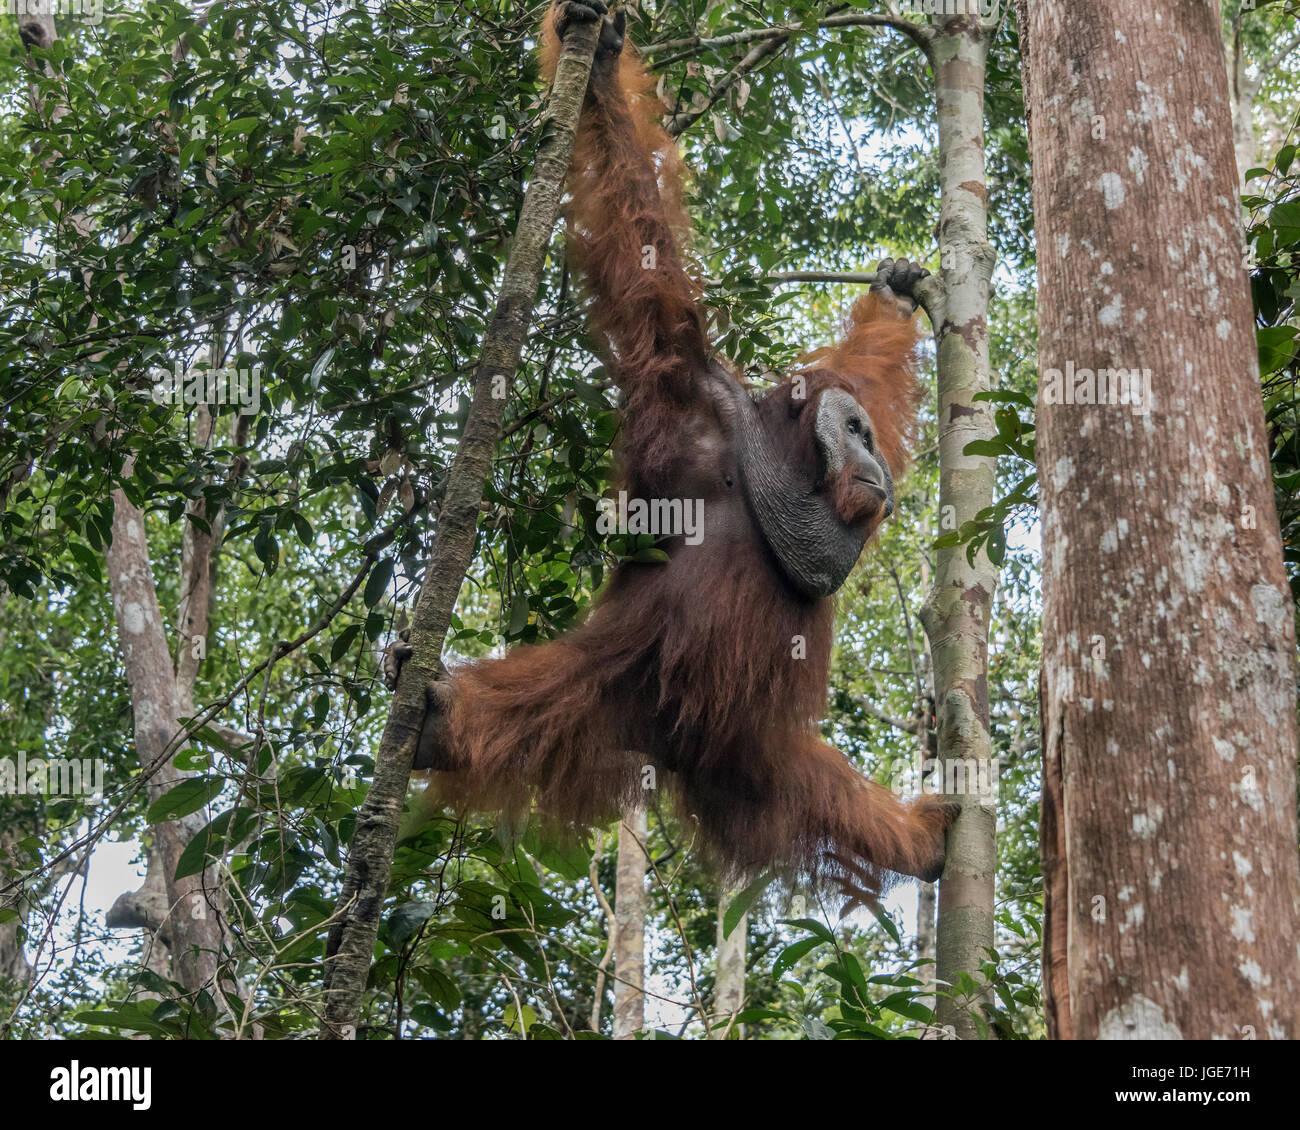 Acrobatic dominant male orangutan, Tanjung Puting National Park, Kalimantan, Indonesia - Stock Image